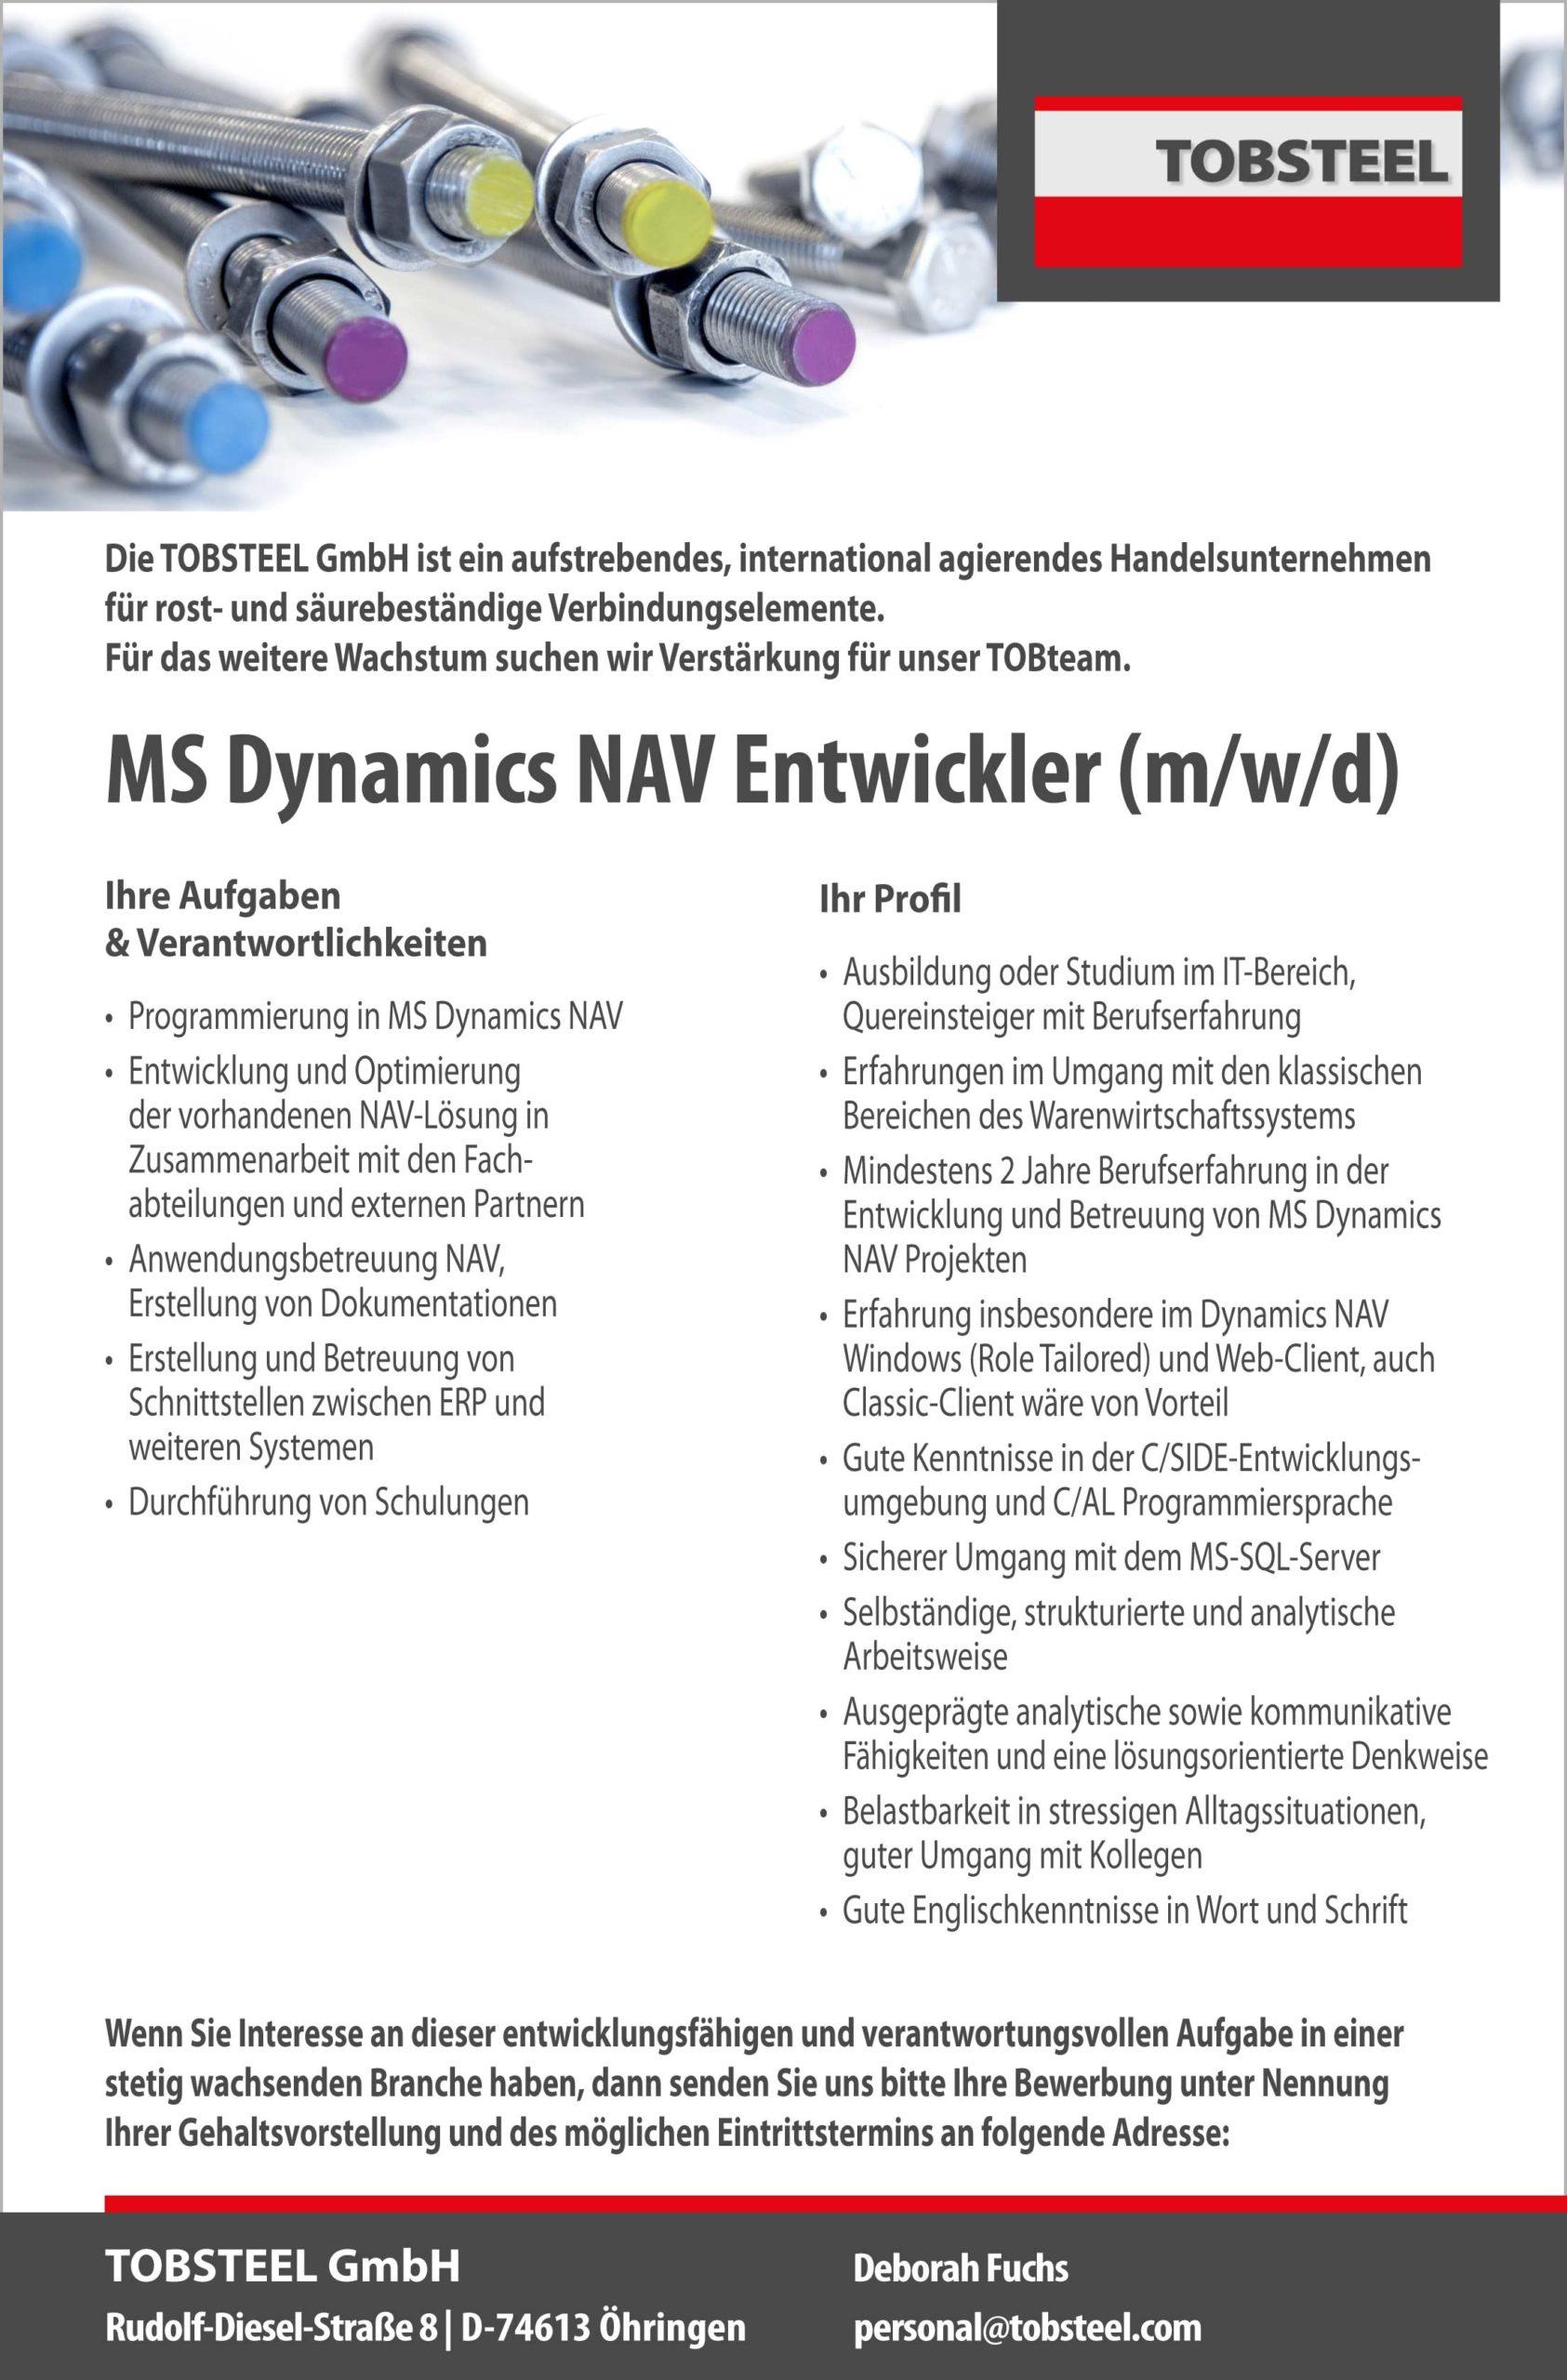 MS-Dynamics-NAV-Entwickler-Stellenanzeige-Öhringen